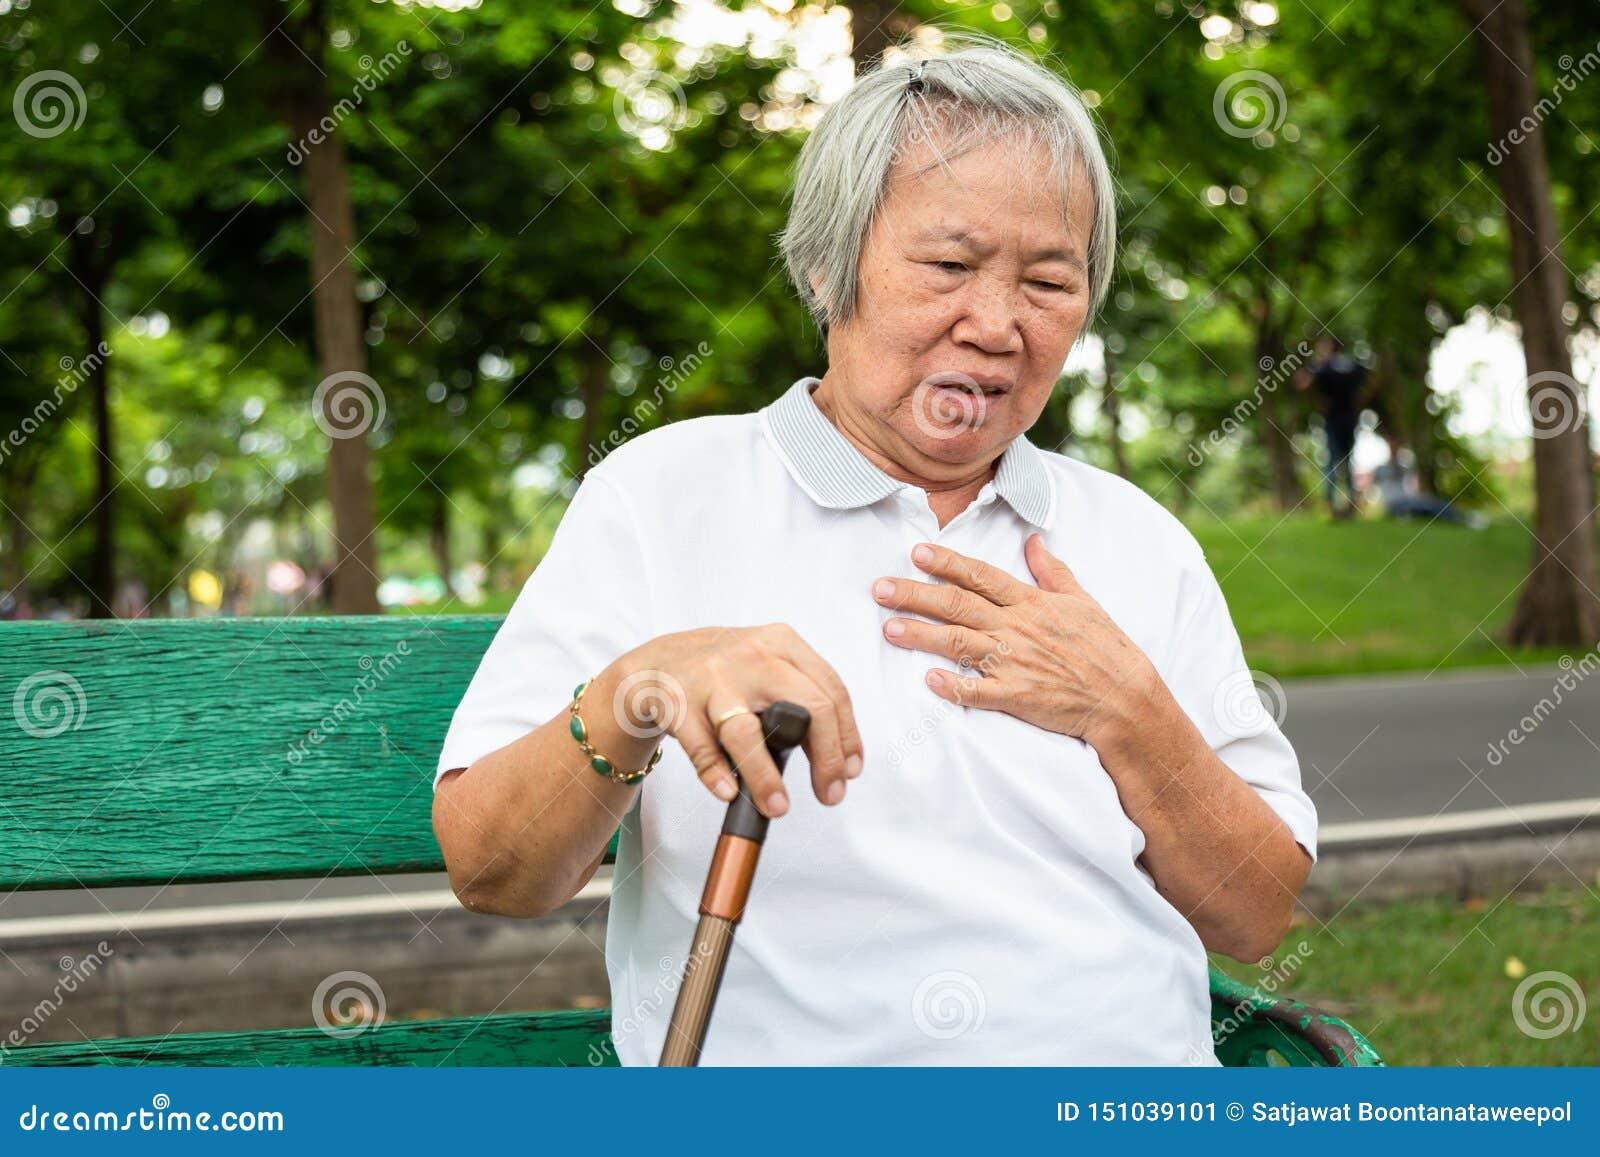 Les personnes âgées asiatiques avec certains symptômes, difficulté respirant, douleur ou problèmes de coeur, communiquent les sym